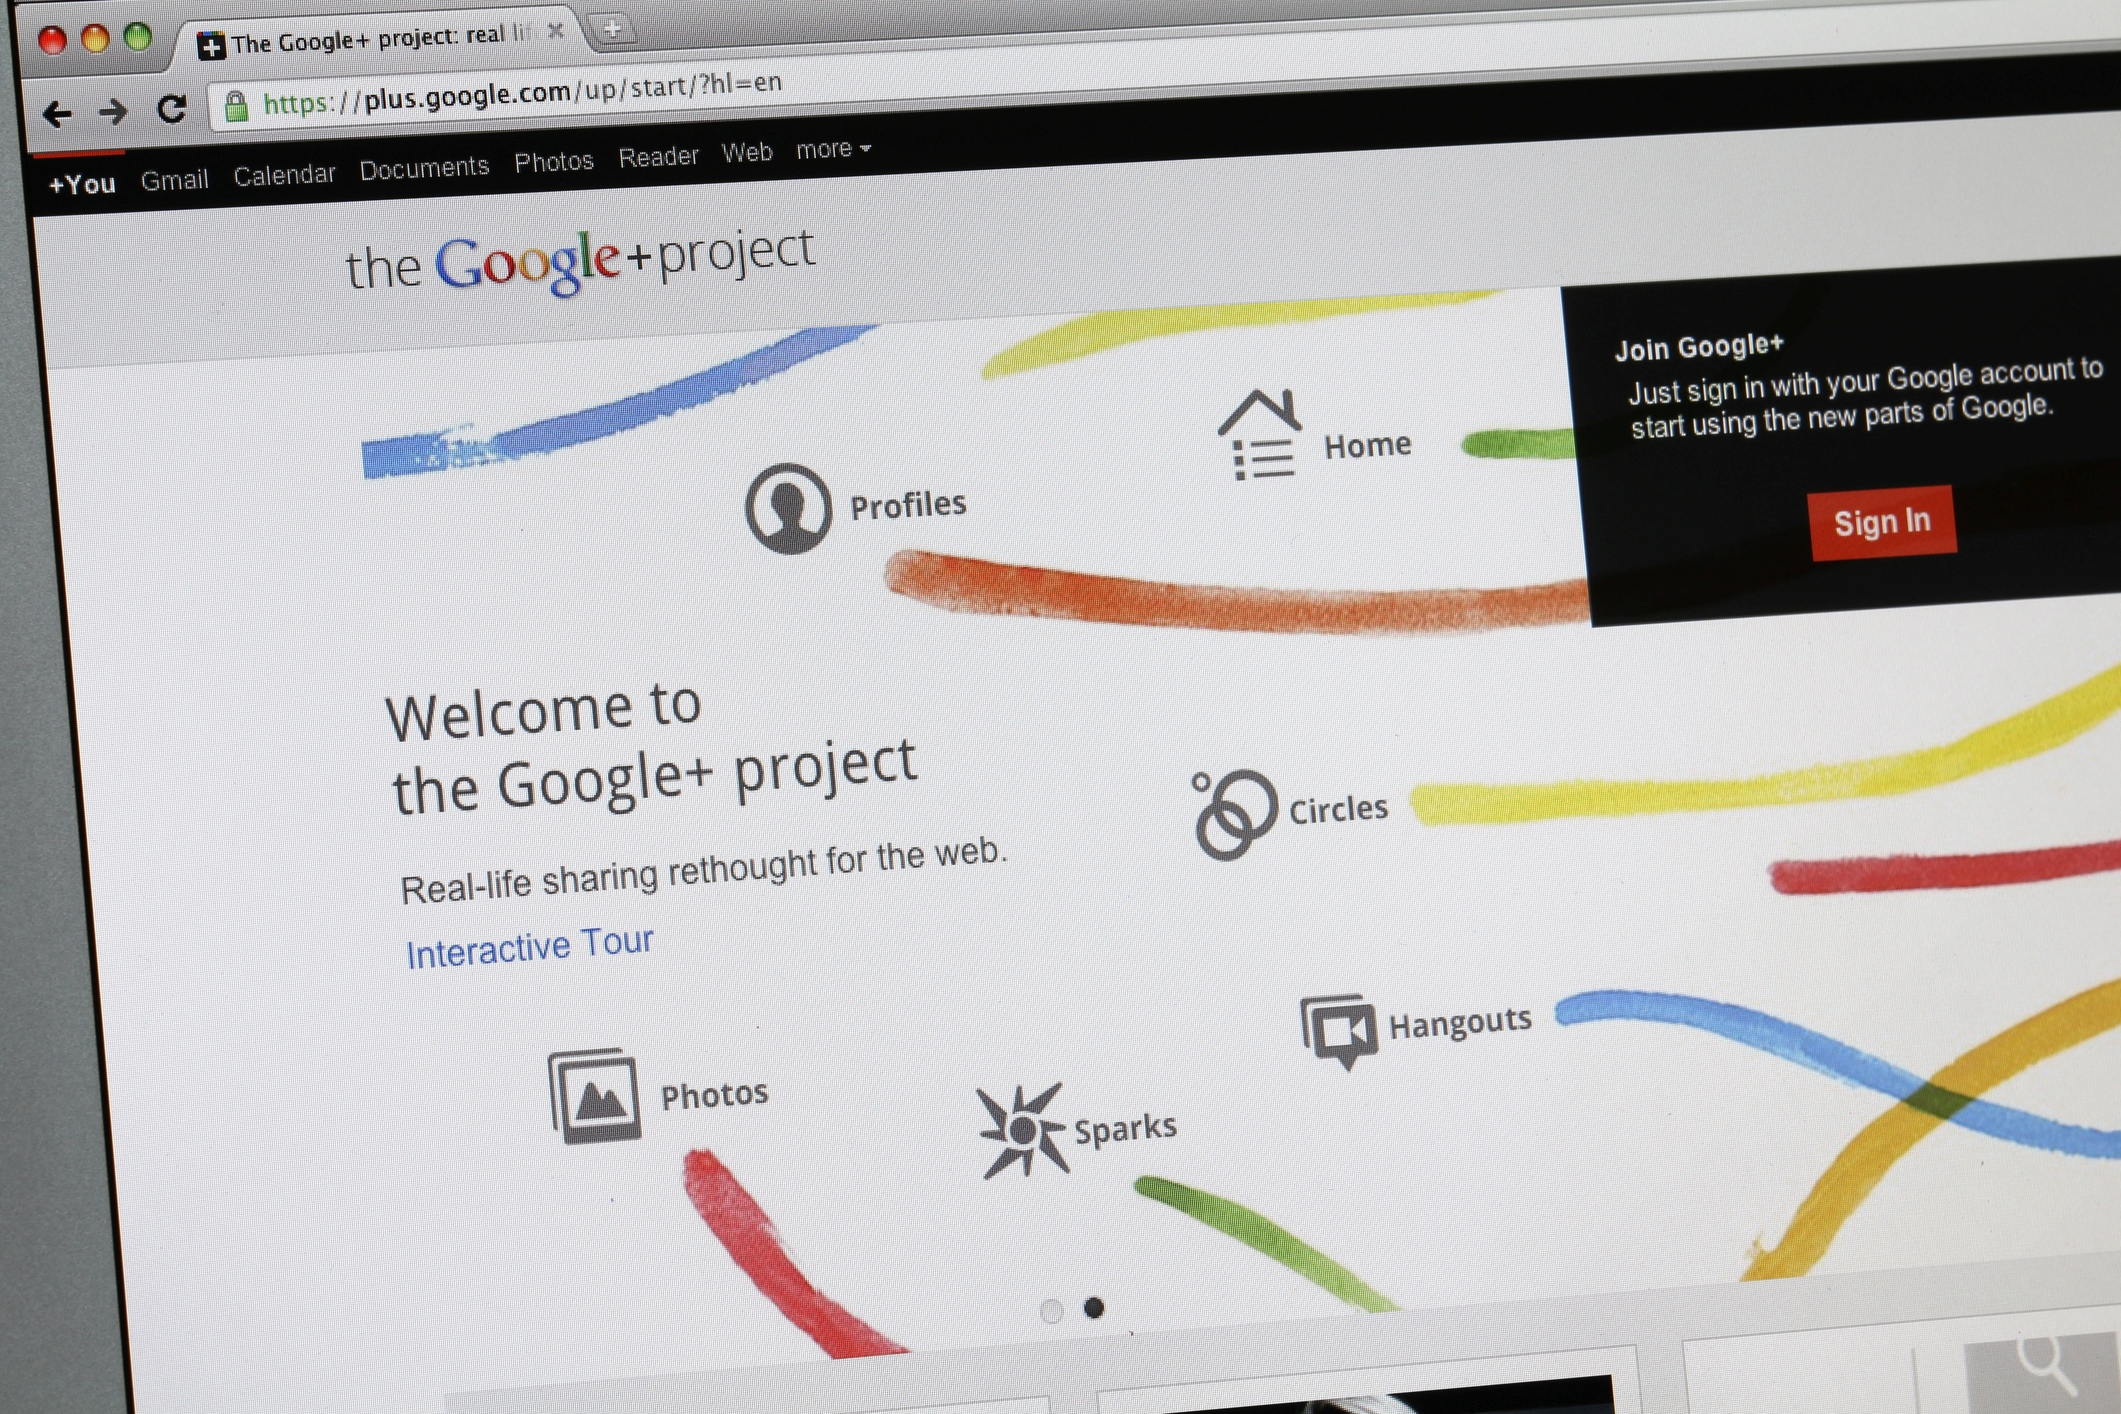 Da sah die Welt bei Google+ noch rosig aus: Der Beginn 2011